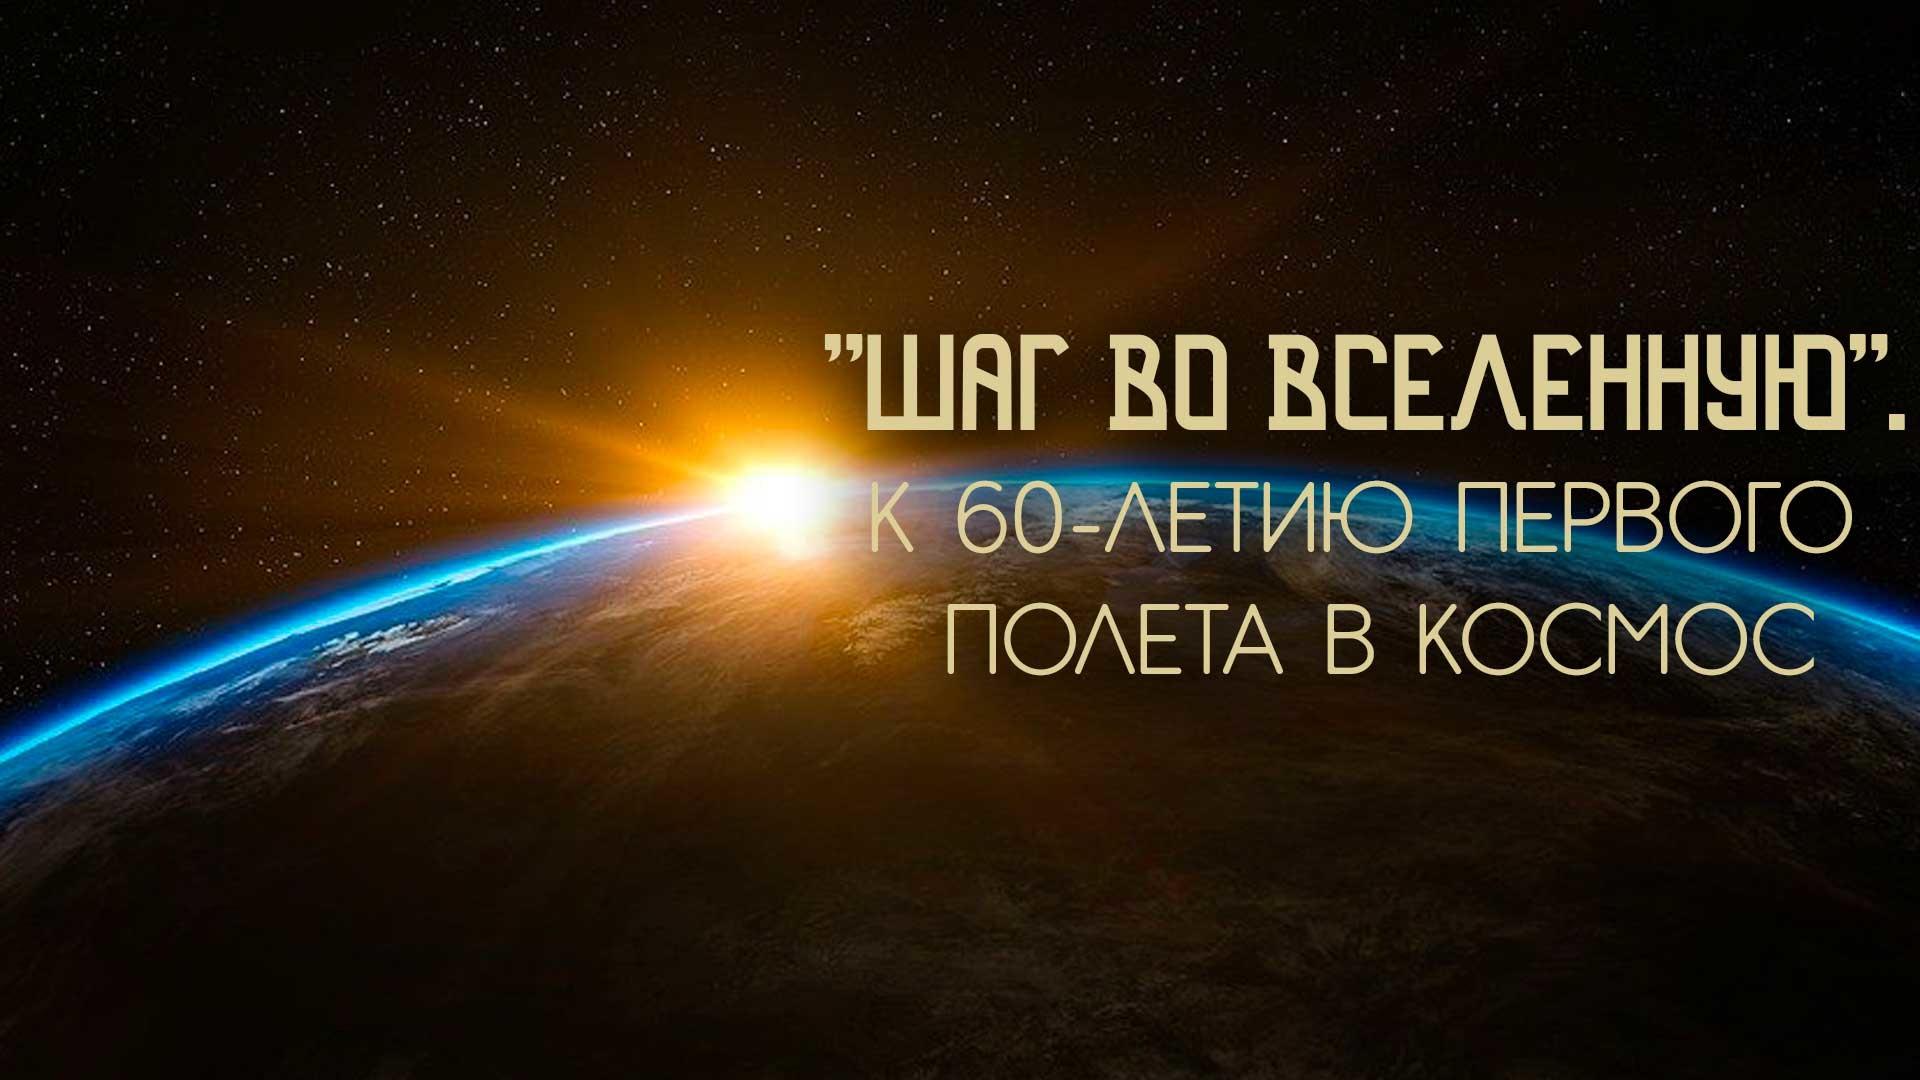 """""""Шаг во Вселенную"""". К 60-летию первого полета в космос"""